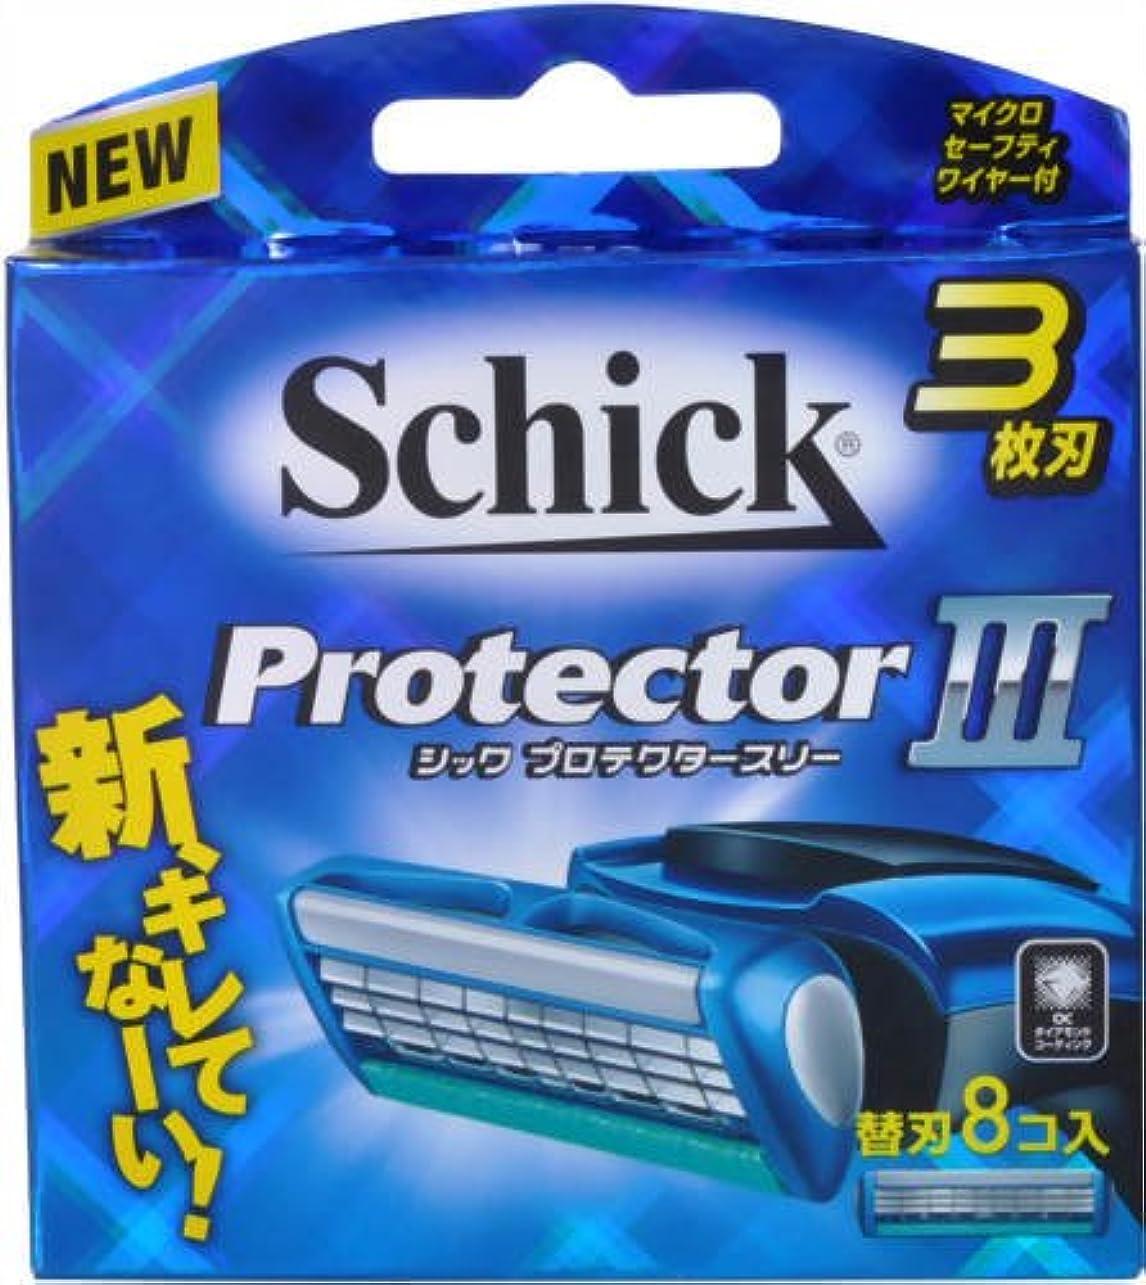 眠り申請者あさりシック プロテクタースリー 替刃 (8コ入)